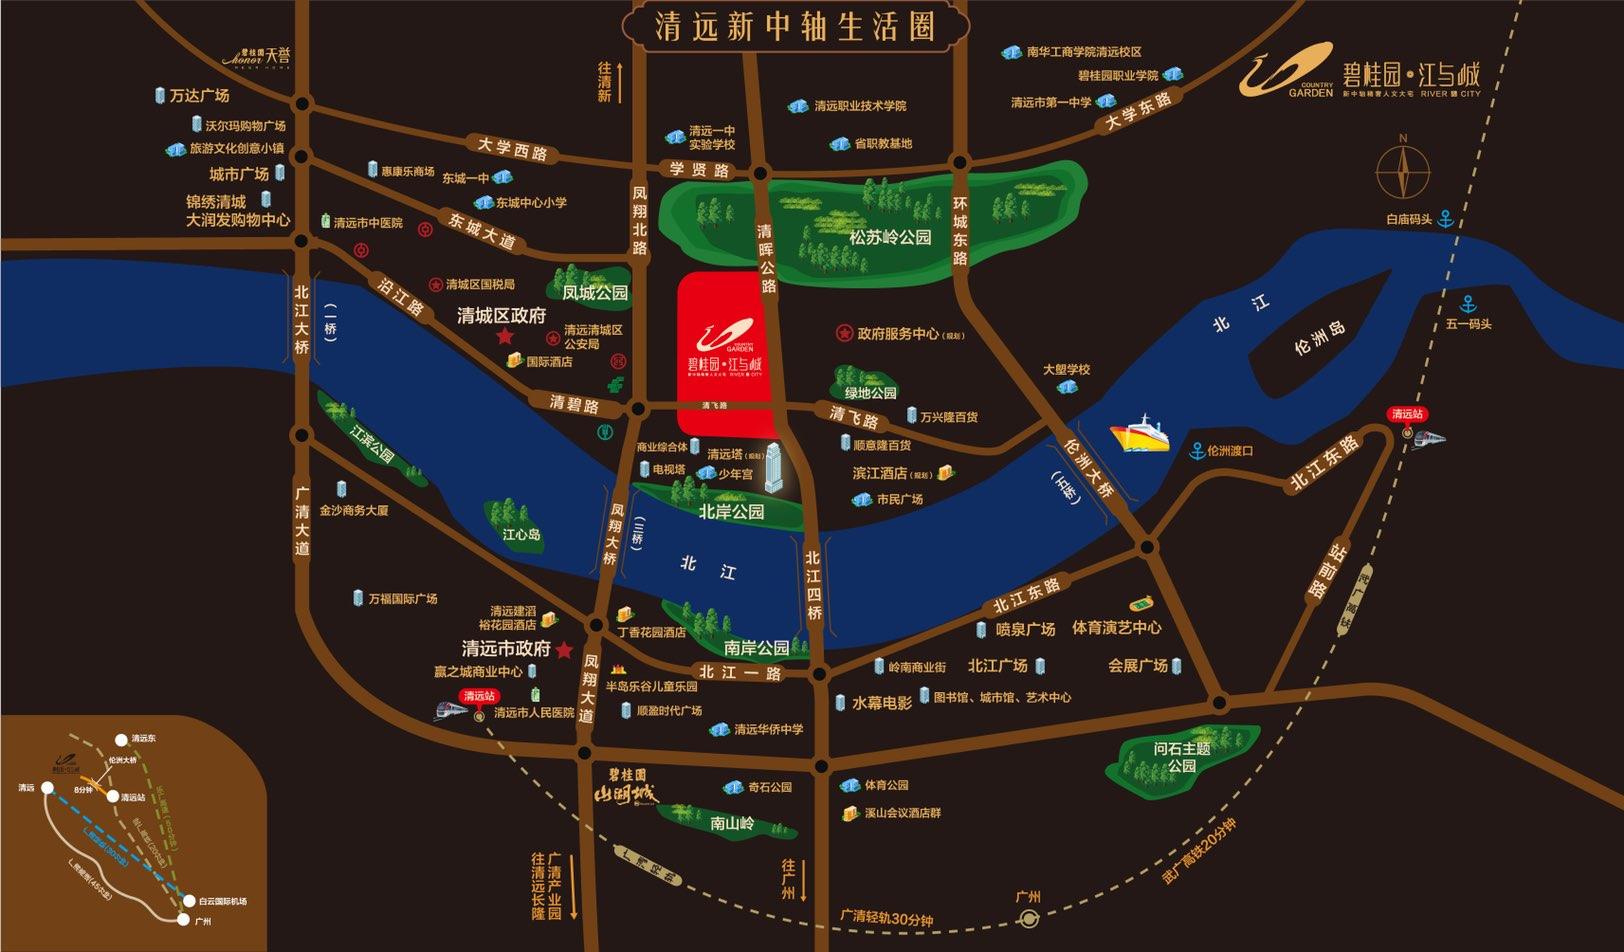 碧桂园物业 清远燕湖新城 精奢人文大宅 北靠公园 南望江